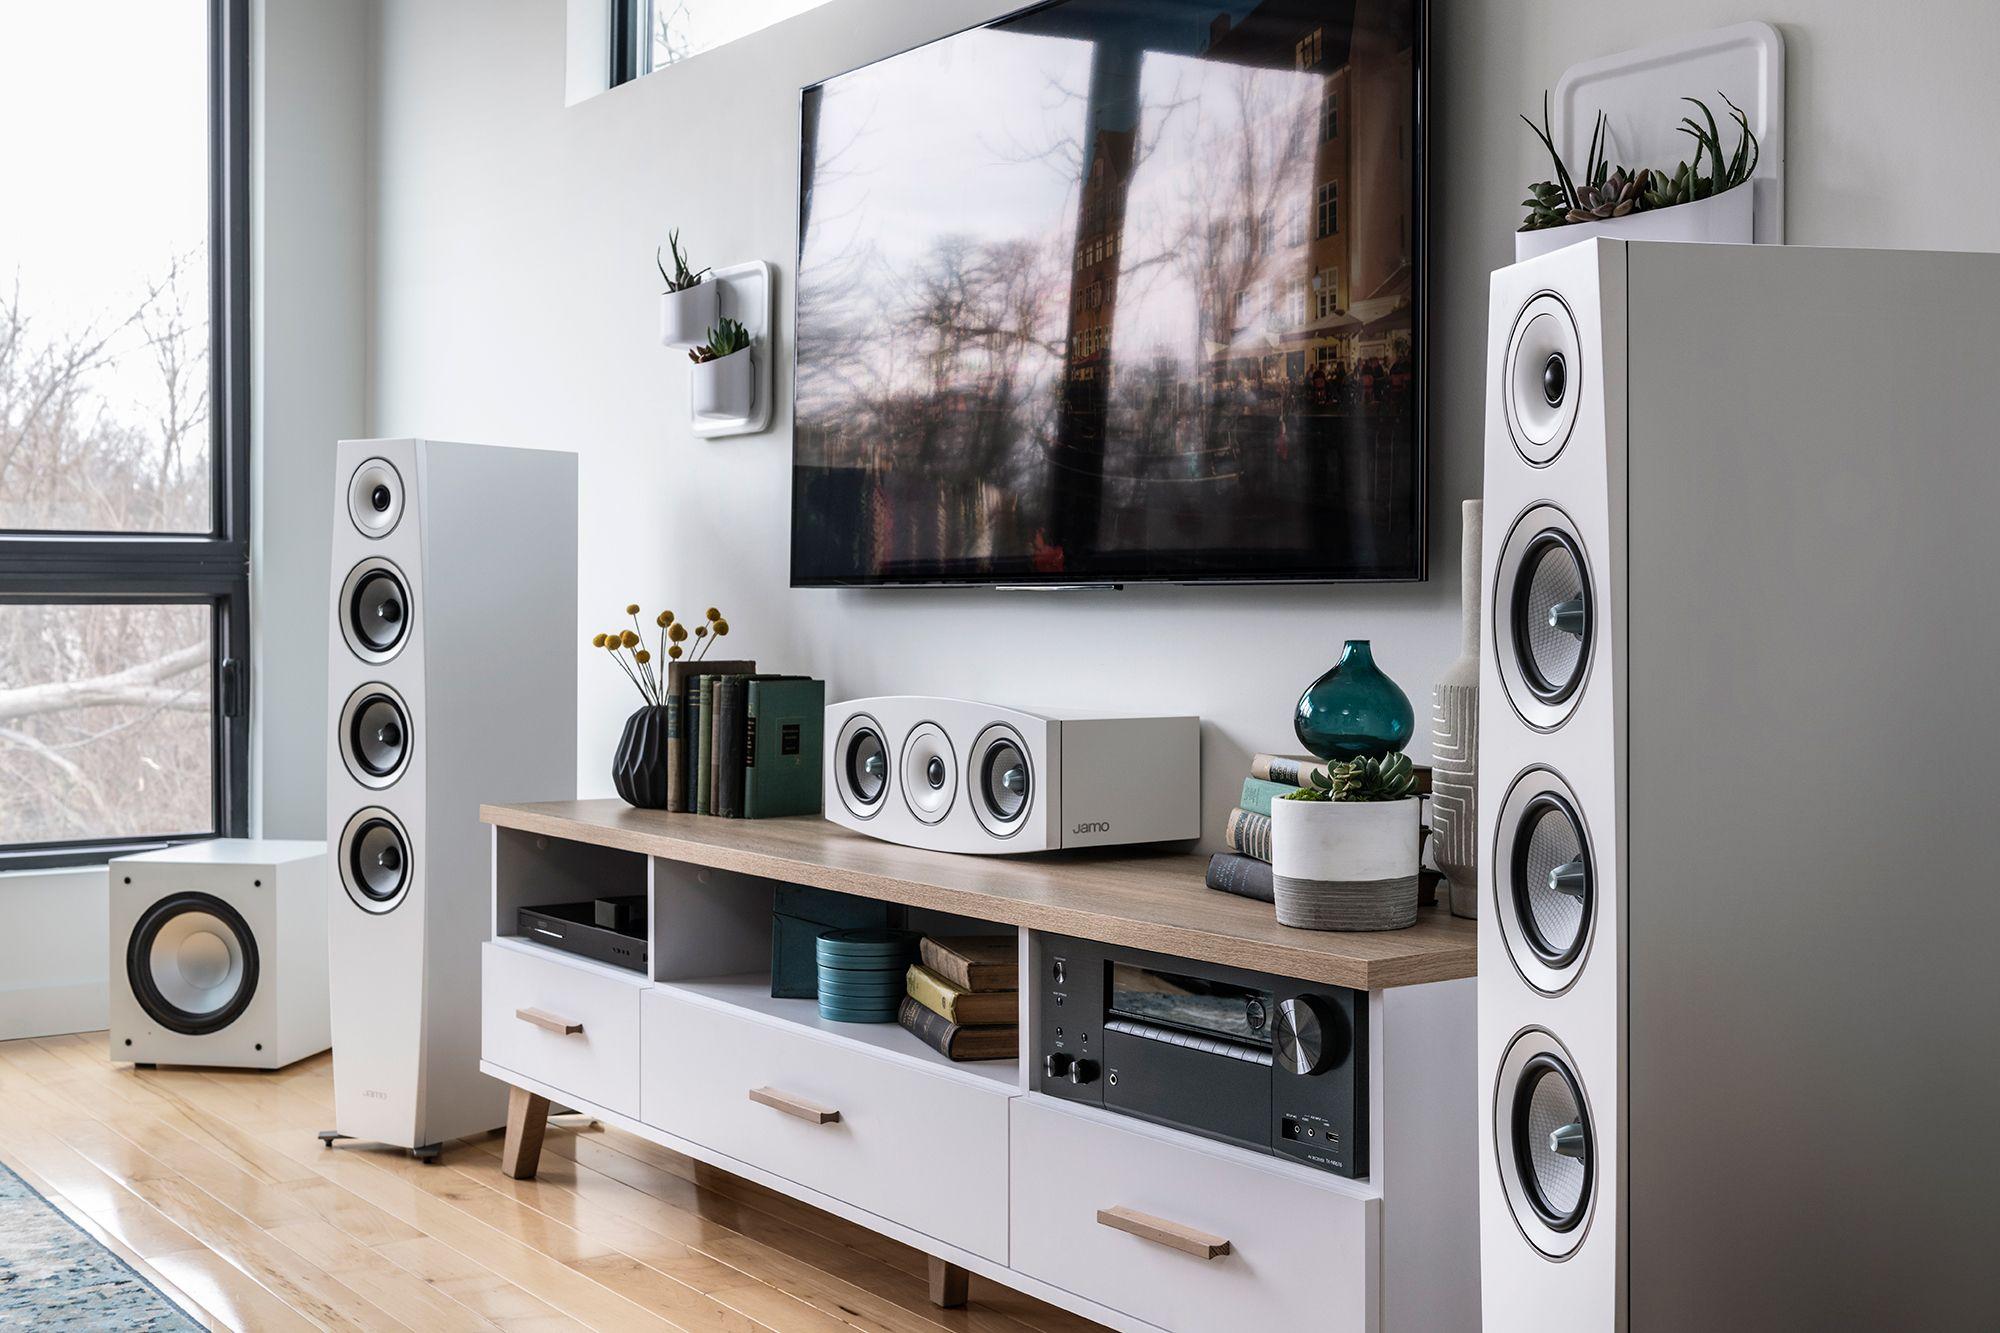 Jamo Com Jamo Speakers Living Room Home Theater Living Room Setup Living Room Speakers Living room speaker placement